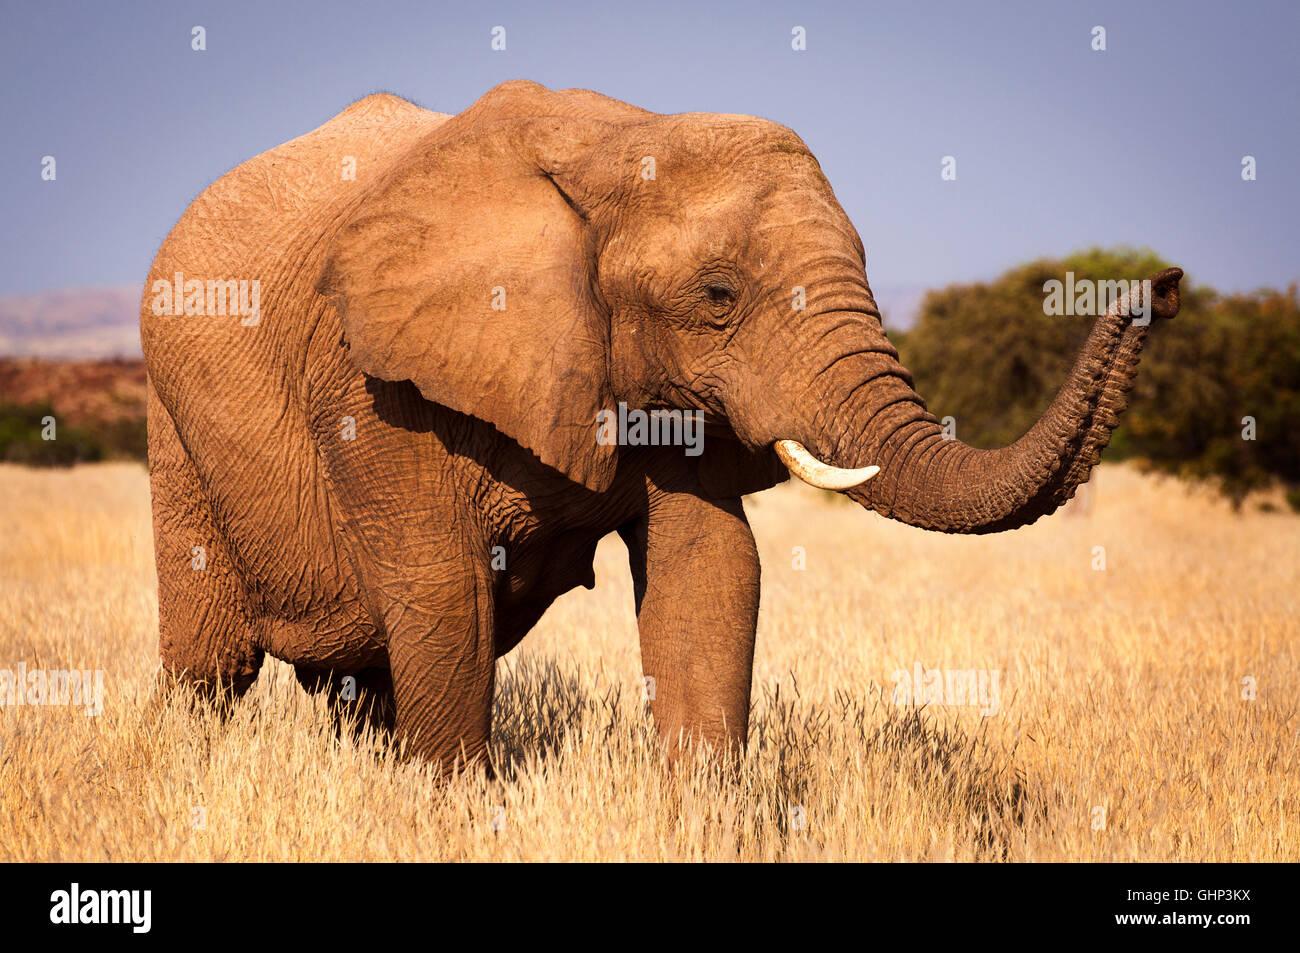 Elefante en la sabana, en Namibia, África, el concepto de viaje en África y Safari Imagen De Stock